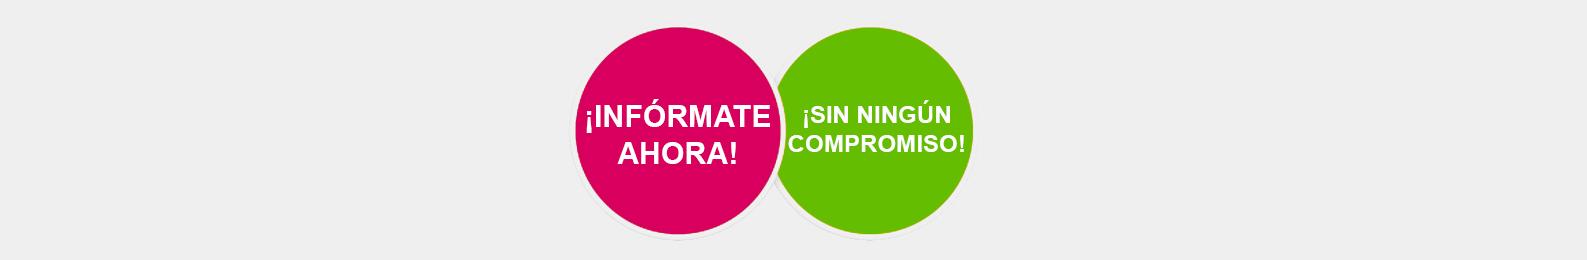 Informate_sin_compromiso_grey